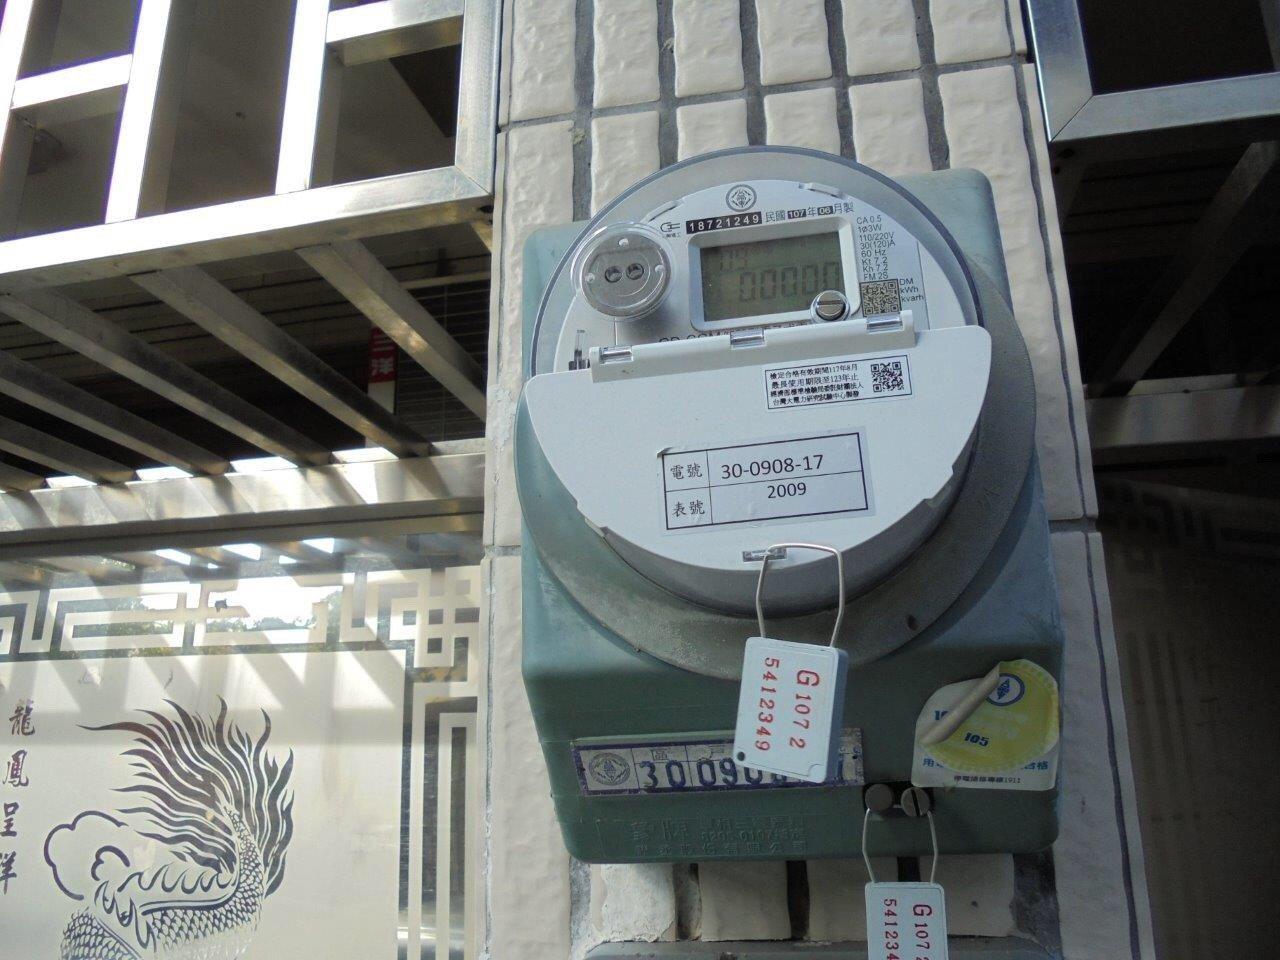 台電目前在六都試辦智慧電網,將家戶的電表更新為智慧電表。圖/台電提供